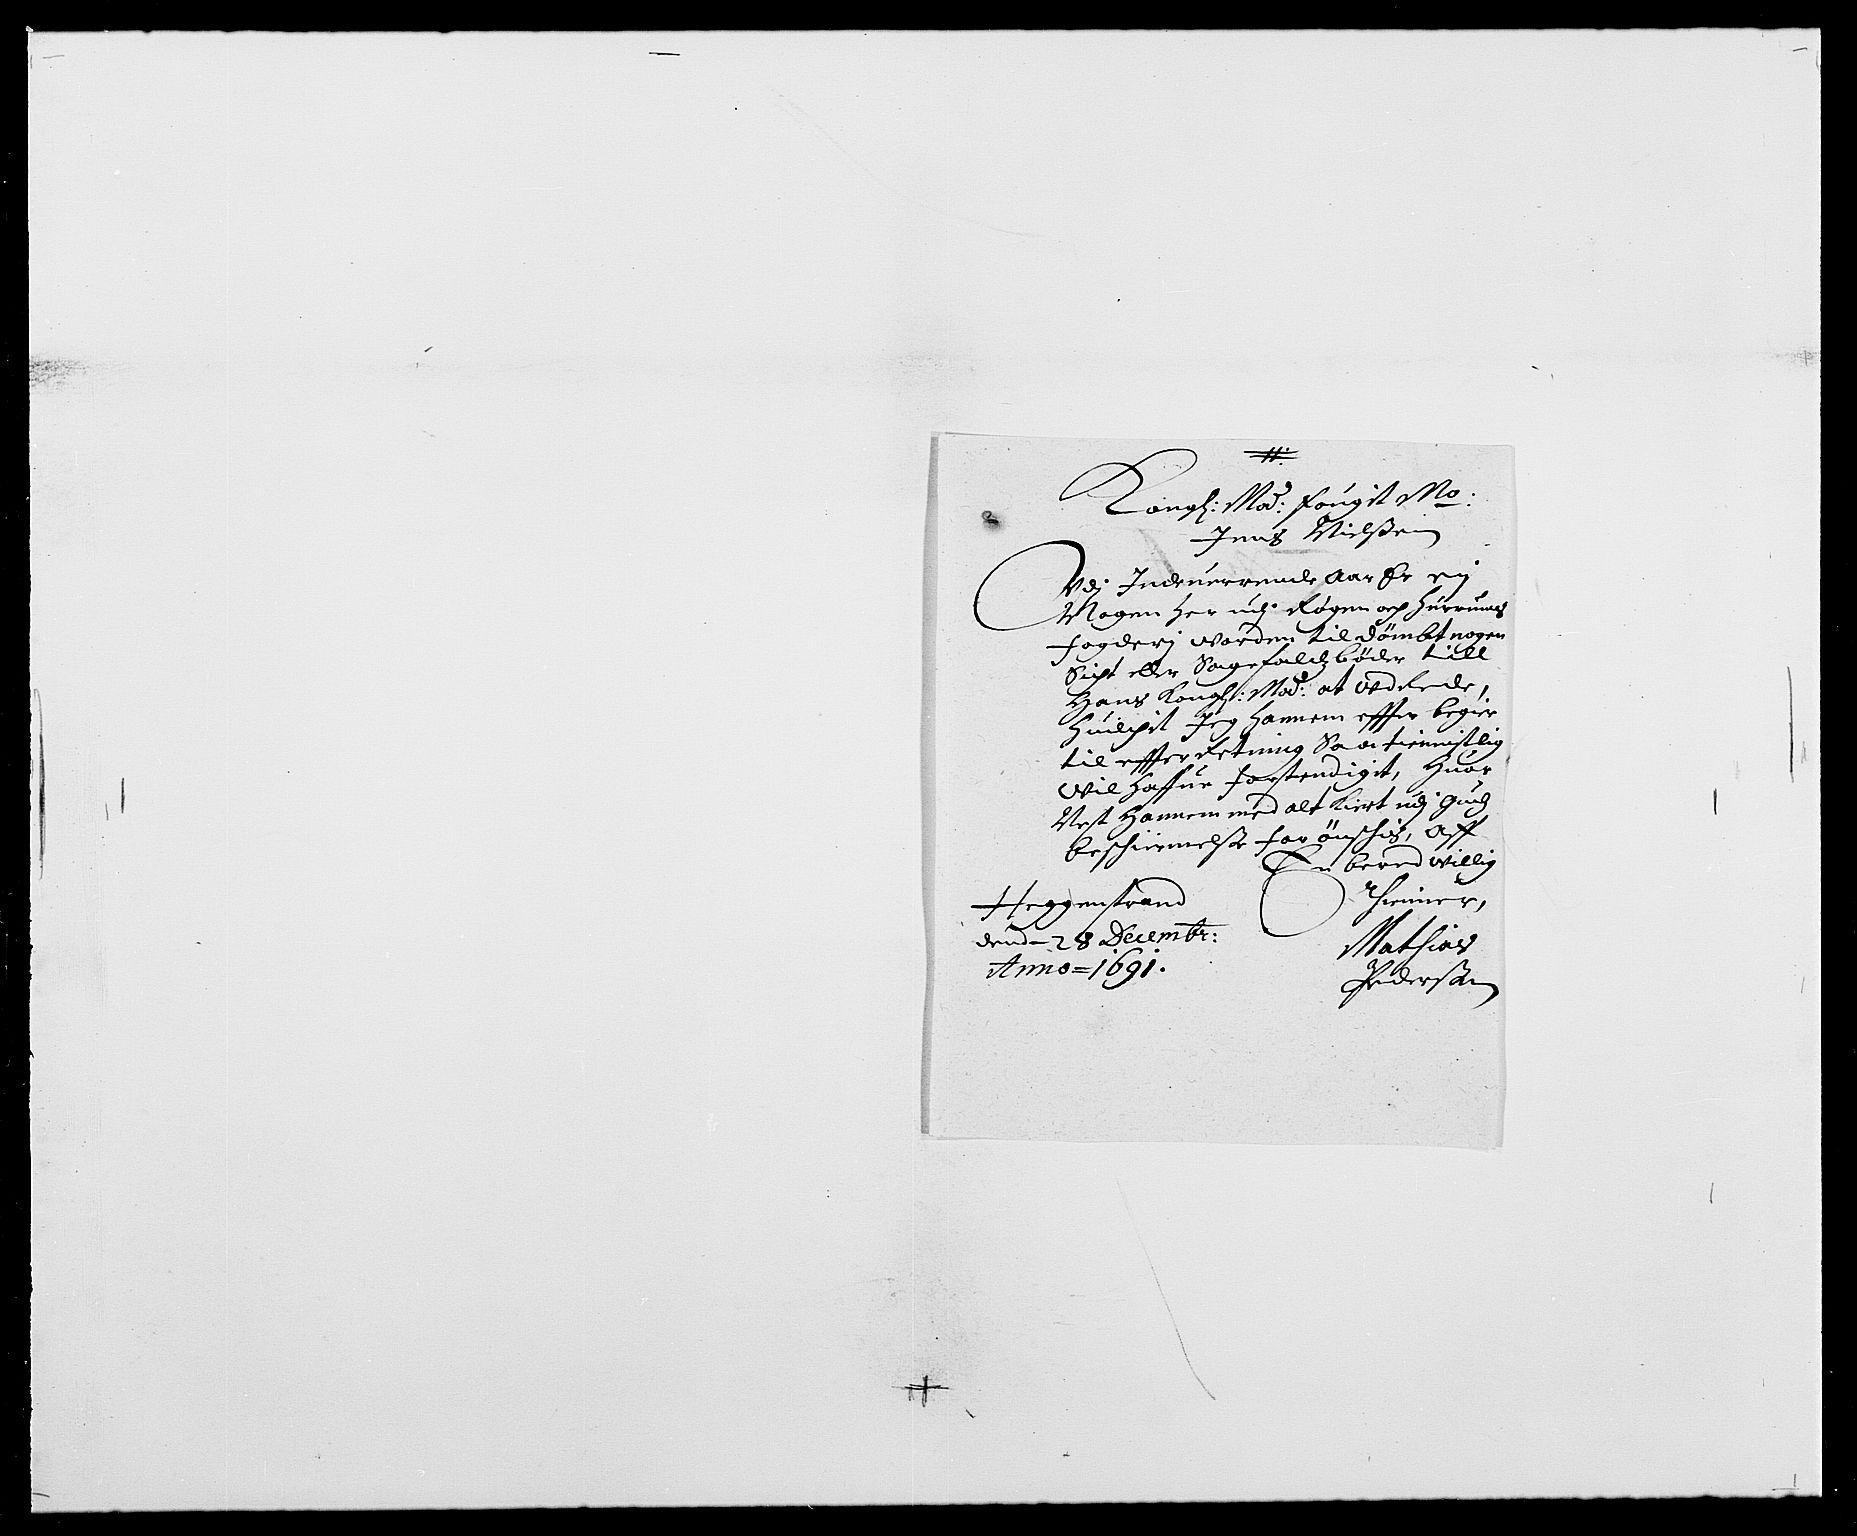 RA, Rentekammeret inntil 1814, Reviderte regnskaper, Fogderegnskap, R29/L1693: Fogderegnskap Hurum og Røyken, 1688-1693, s. 195